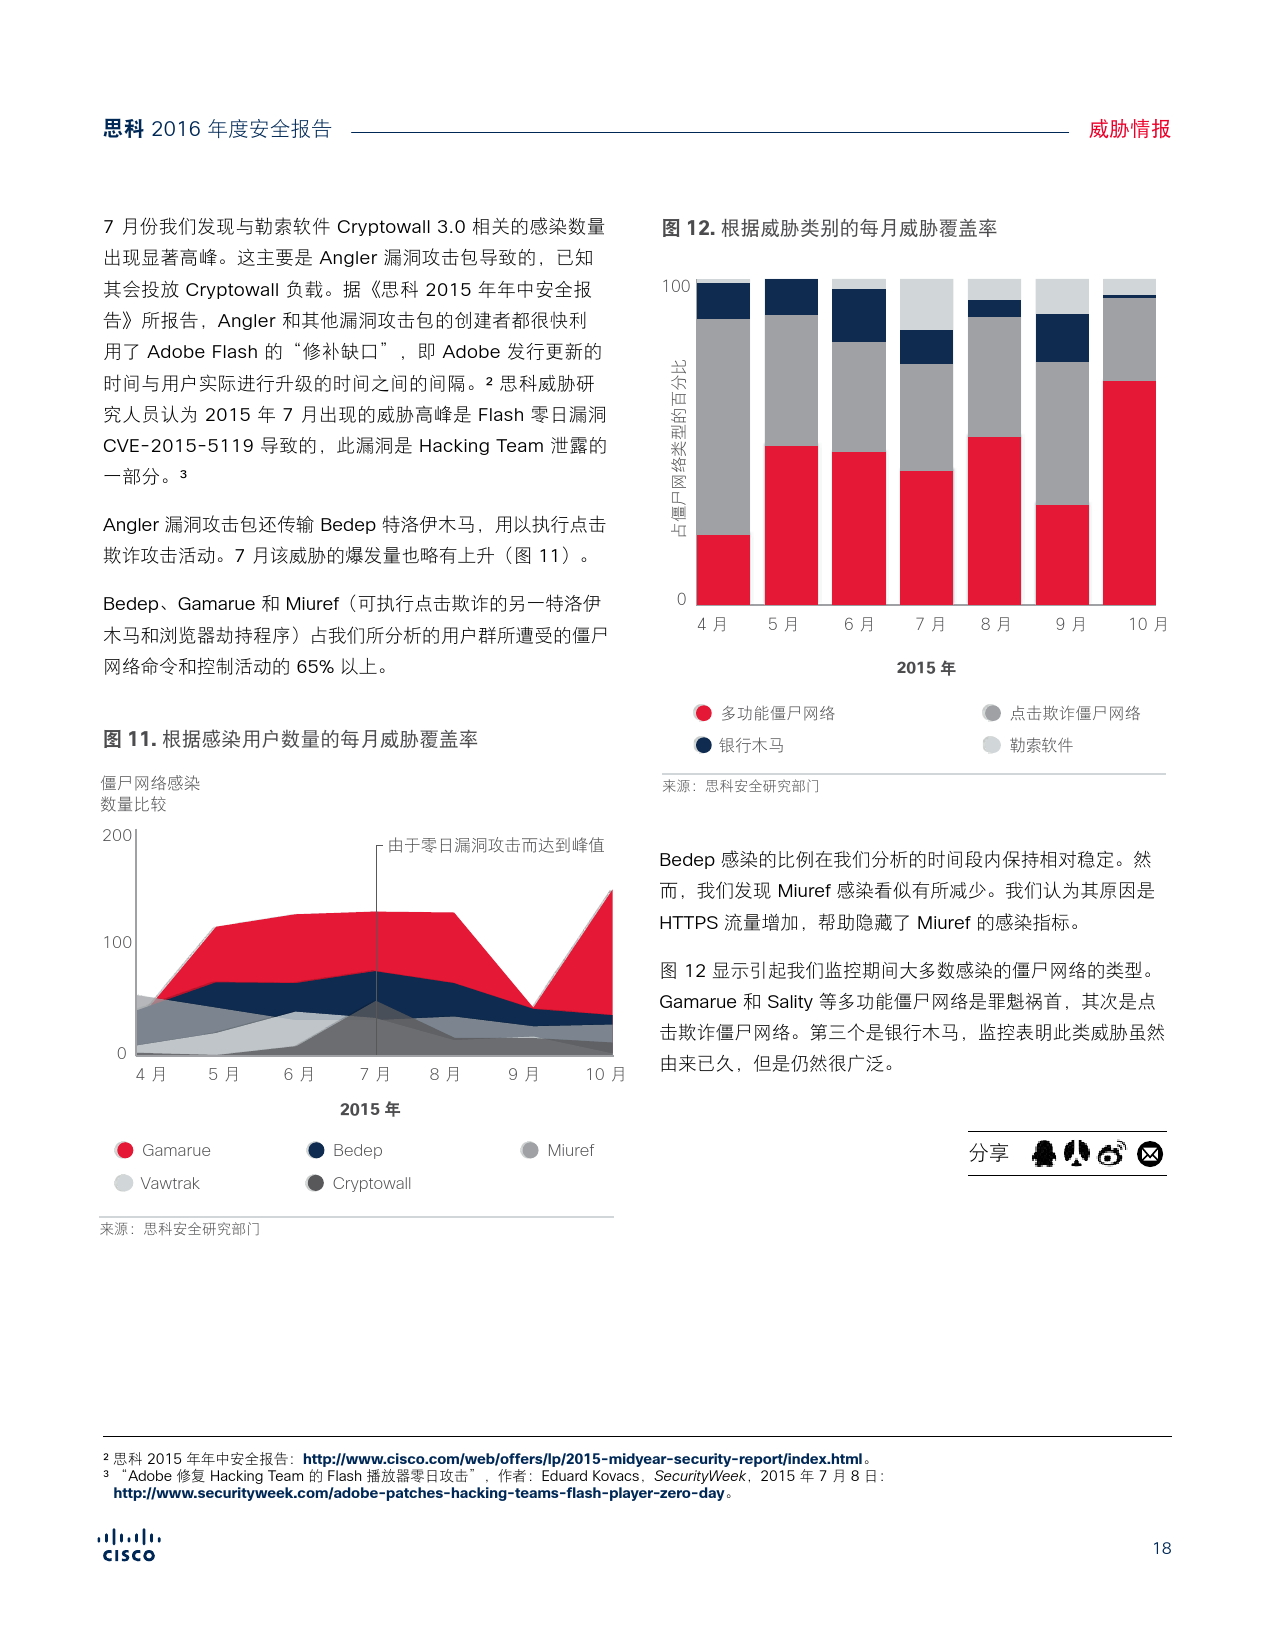 2016年中网络安全报告_000018